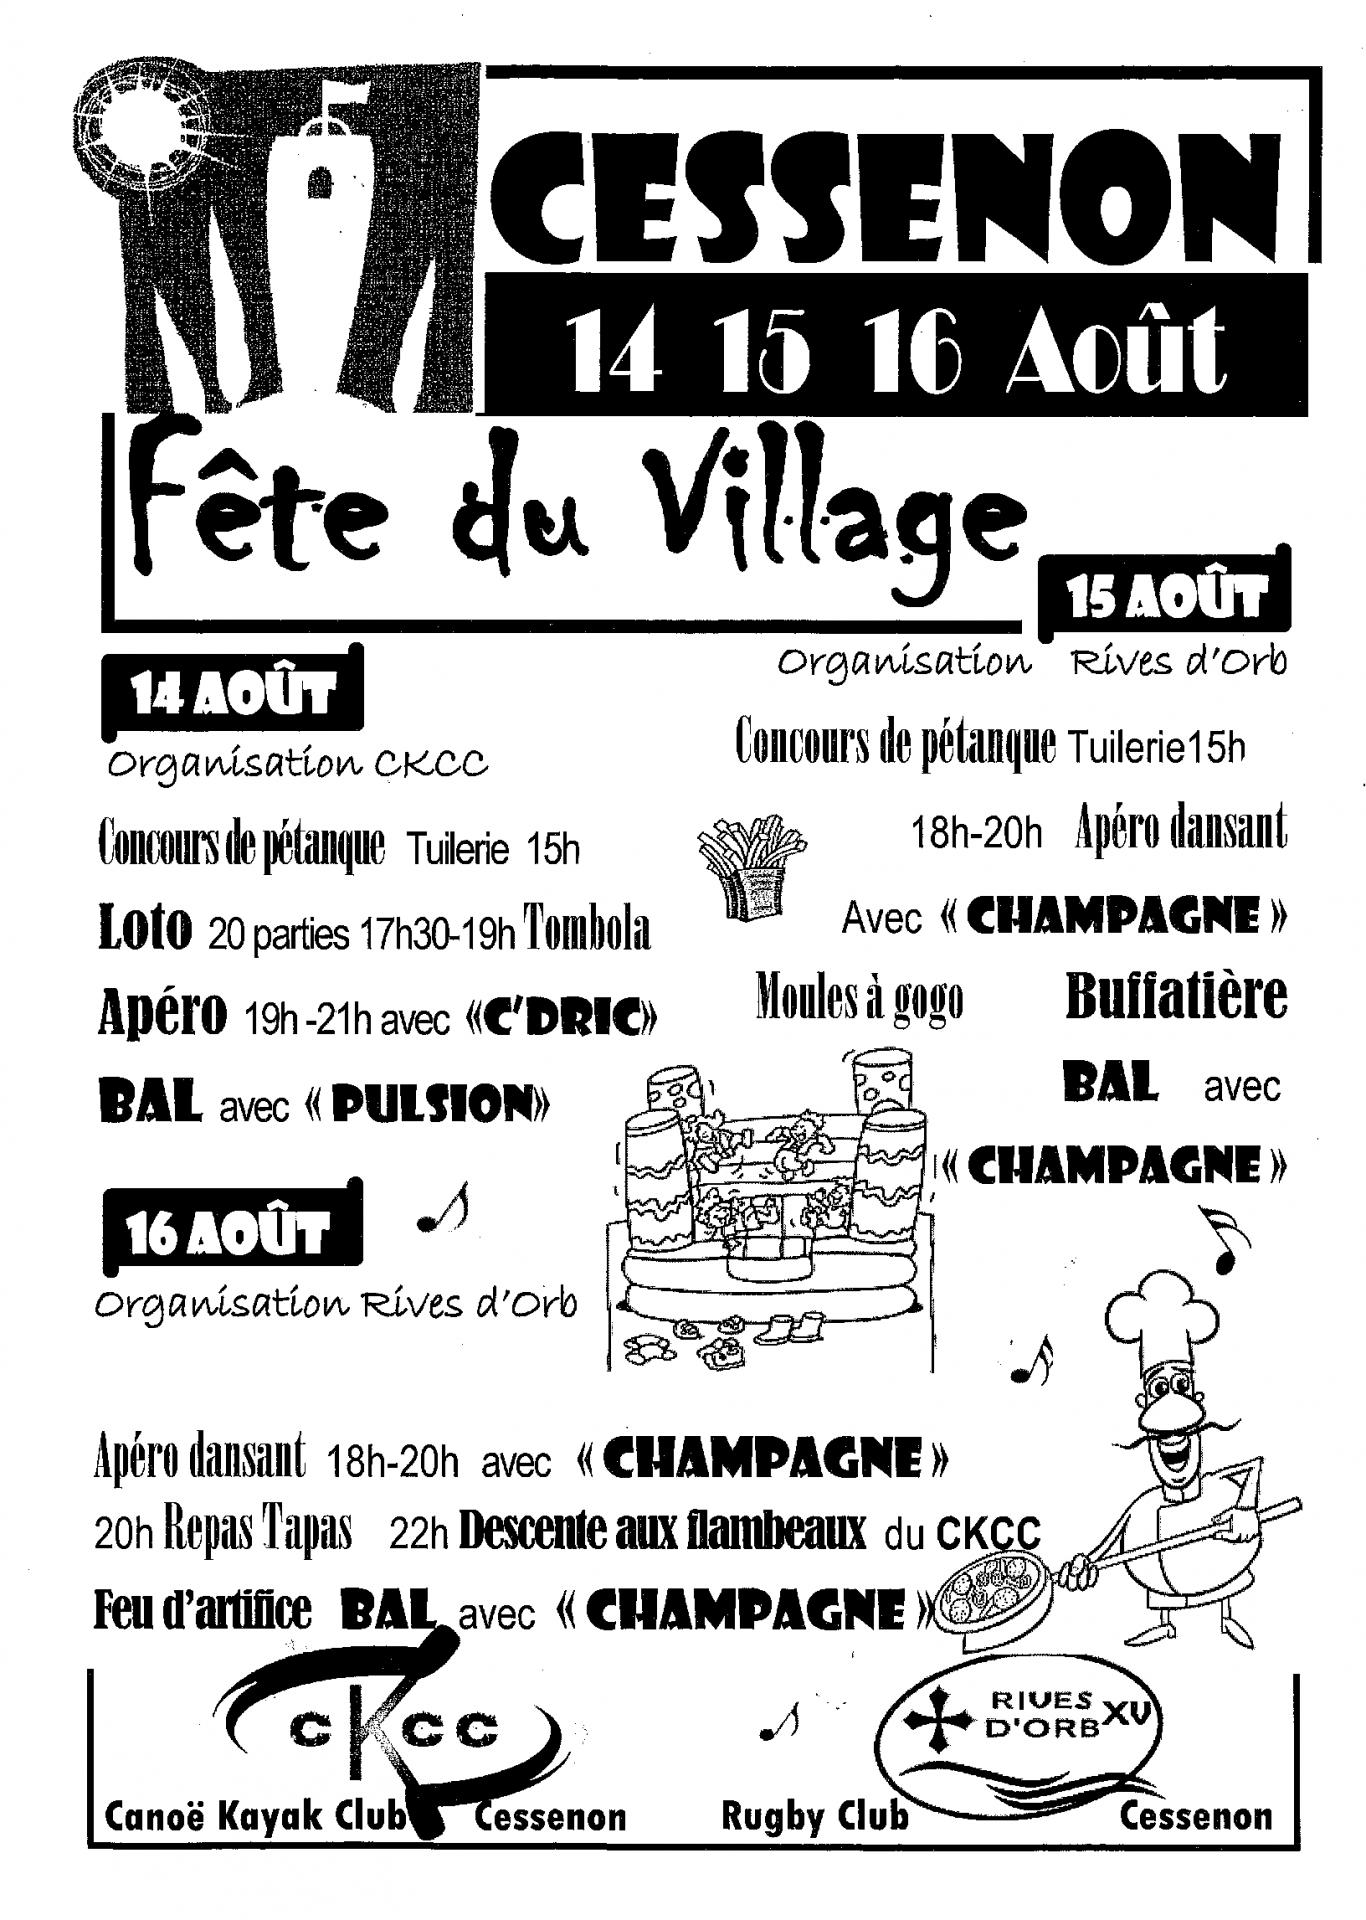 2016 08 15 fete du village